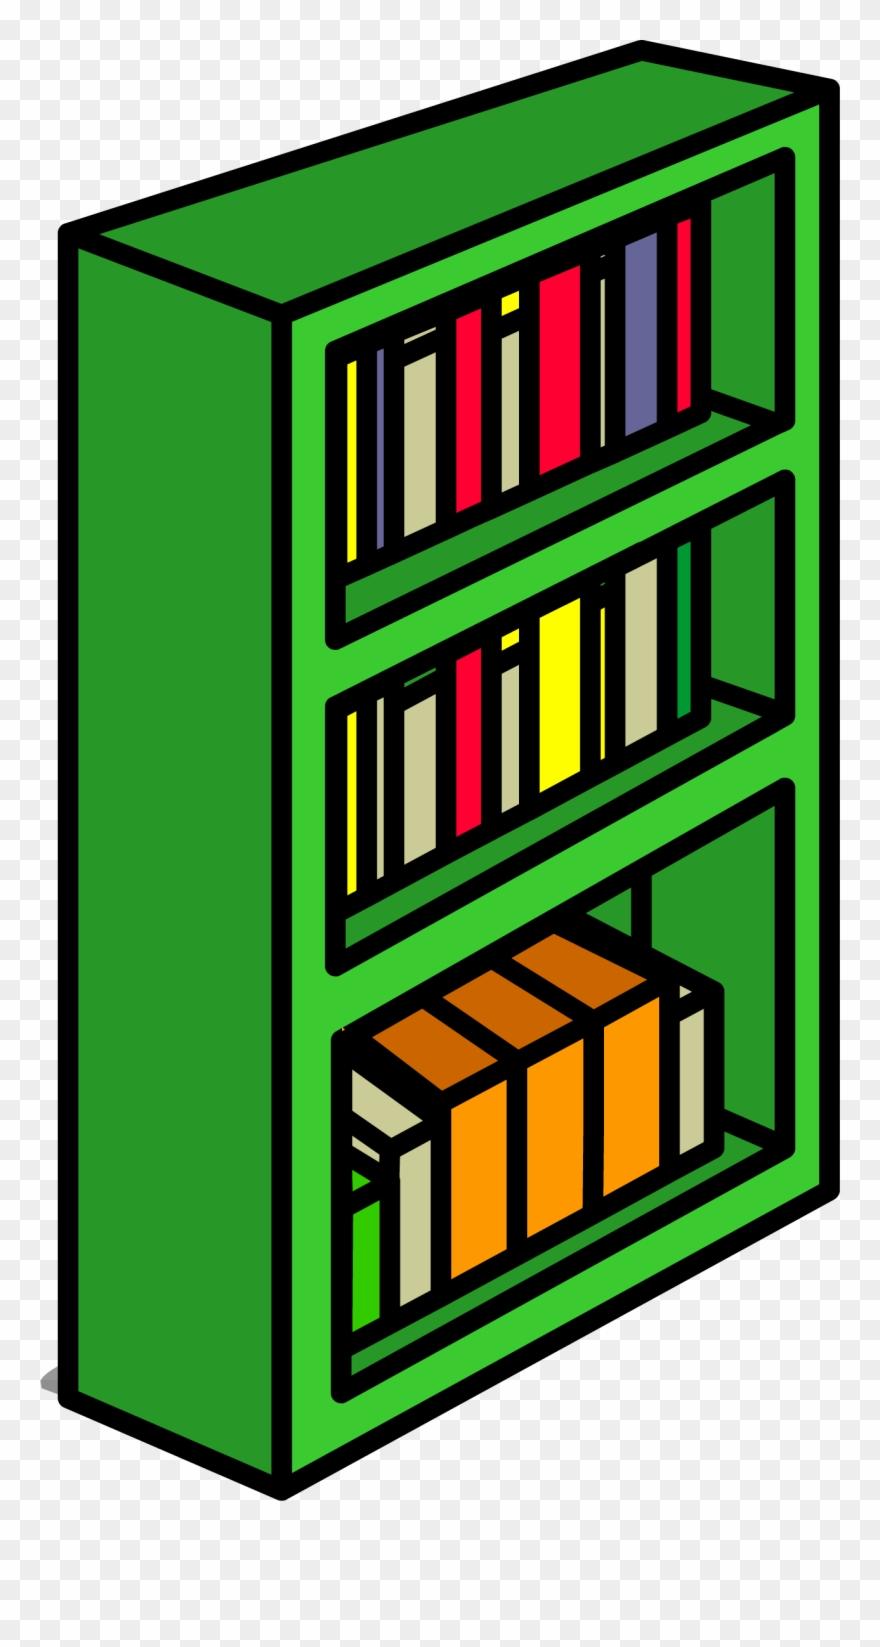 Bookshelf clipart cute, Bookshelf cute Transparent FREE ...